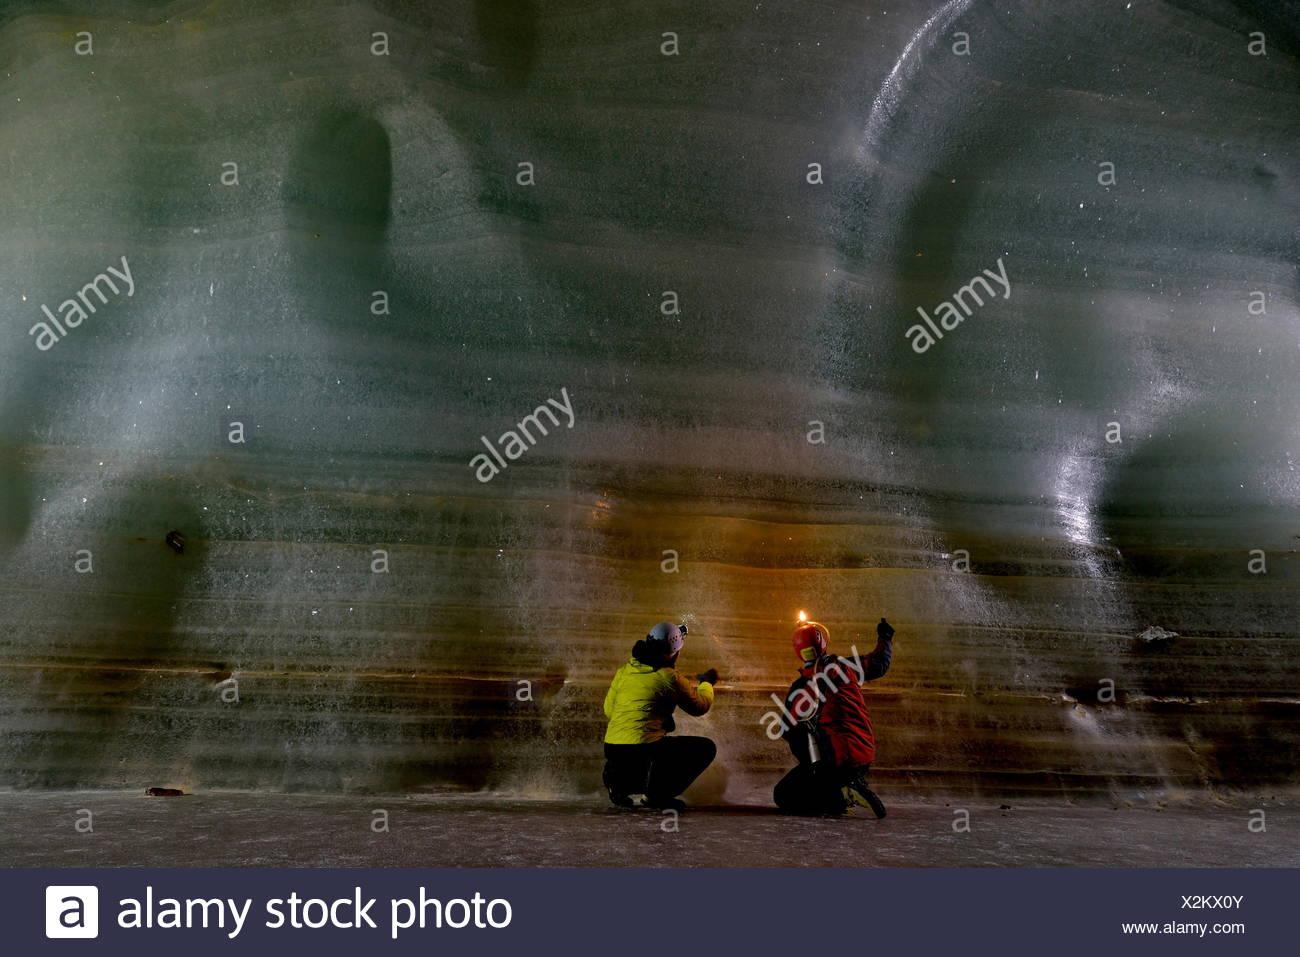 Wissenschaftler untersuchen die dicken Bett aus Eis für Proben im Inneren Eisriesenwelt Eishoehle in Werfen, Österreich. Stockbild